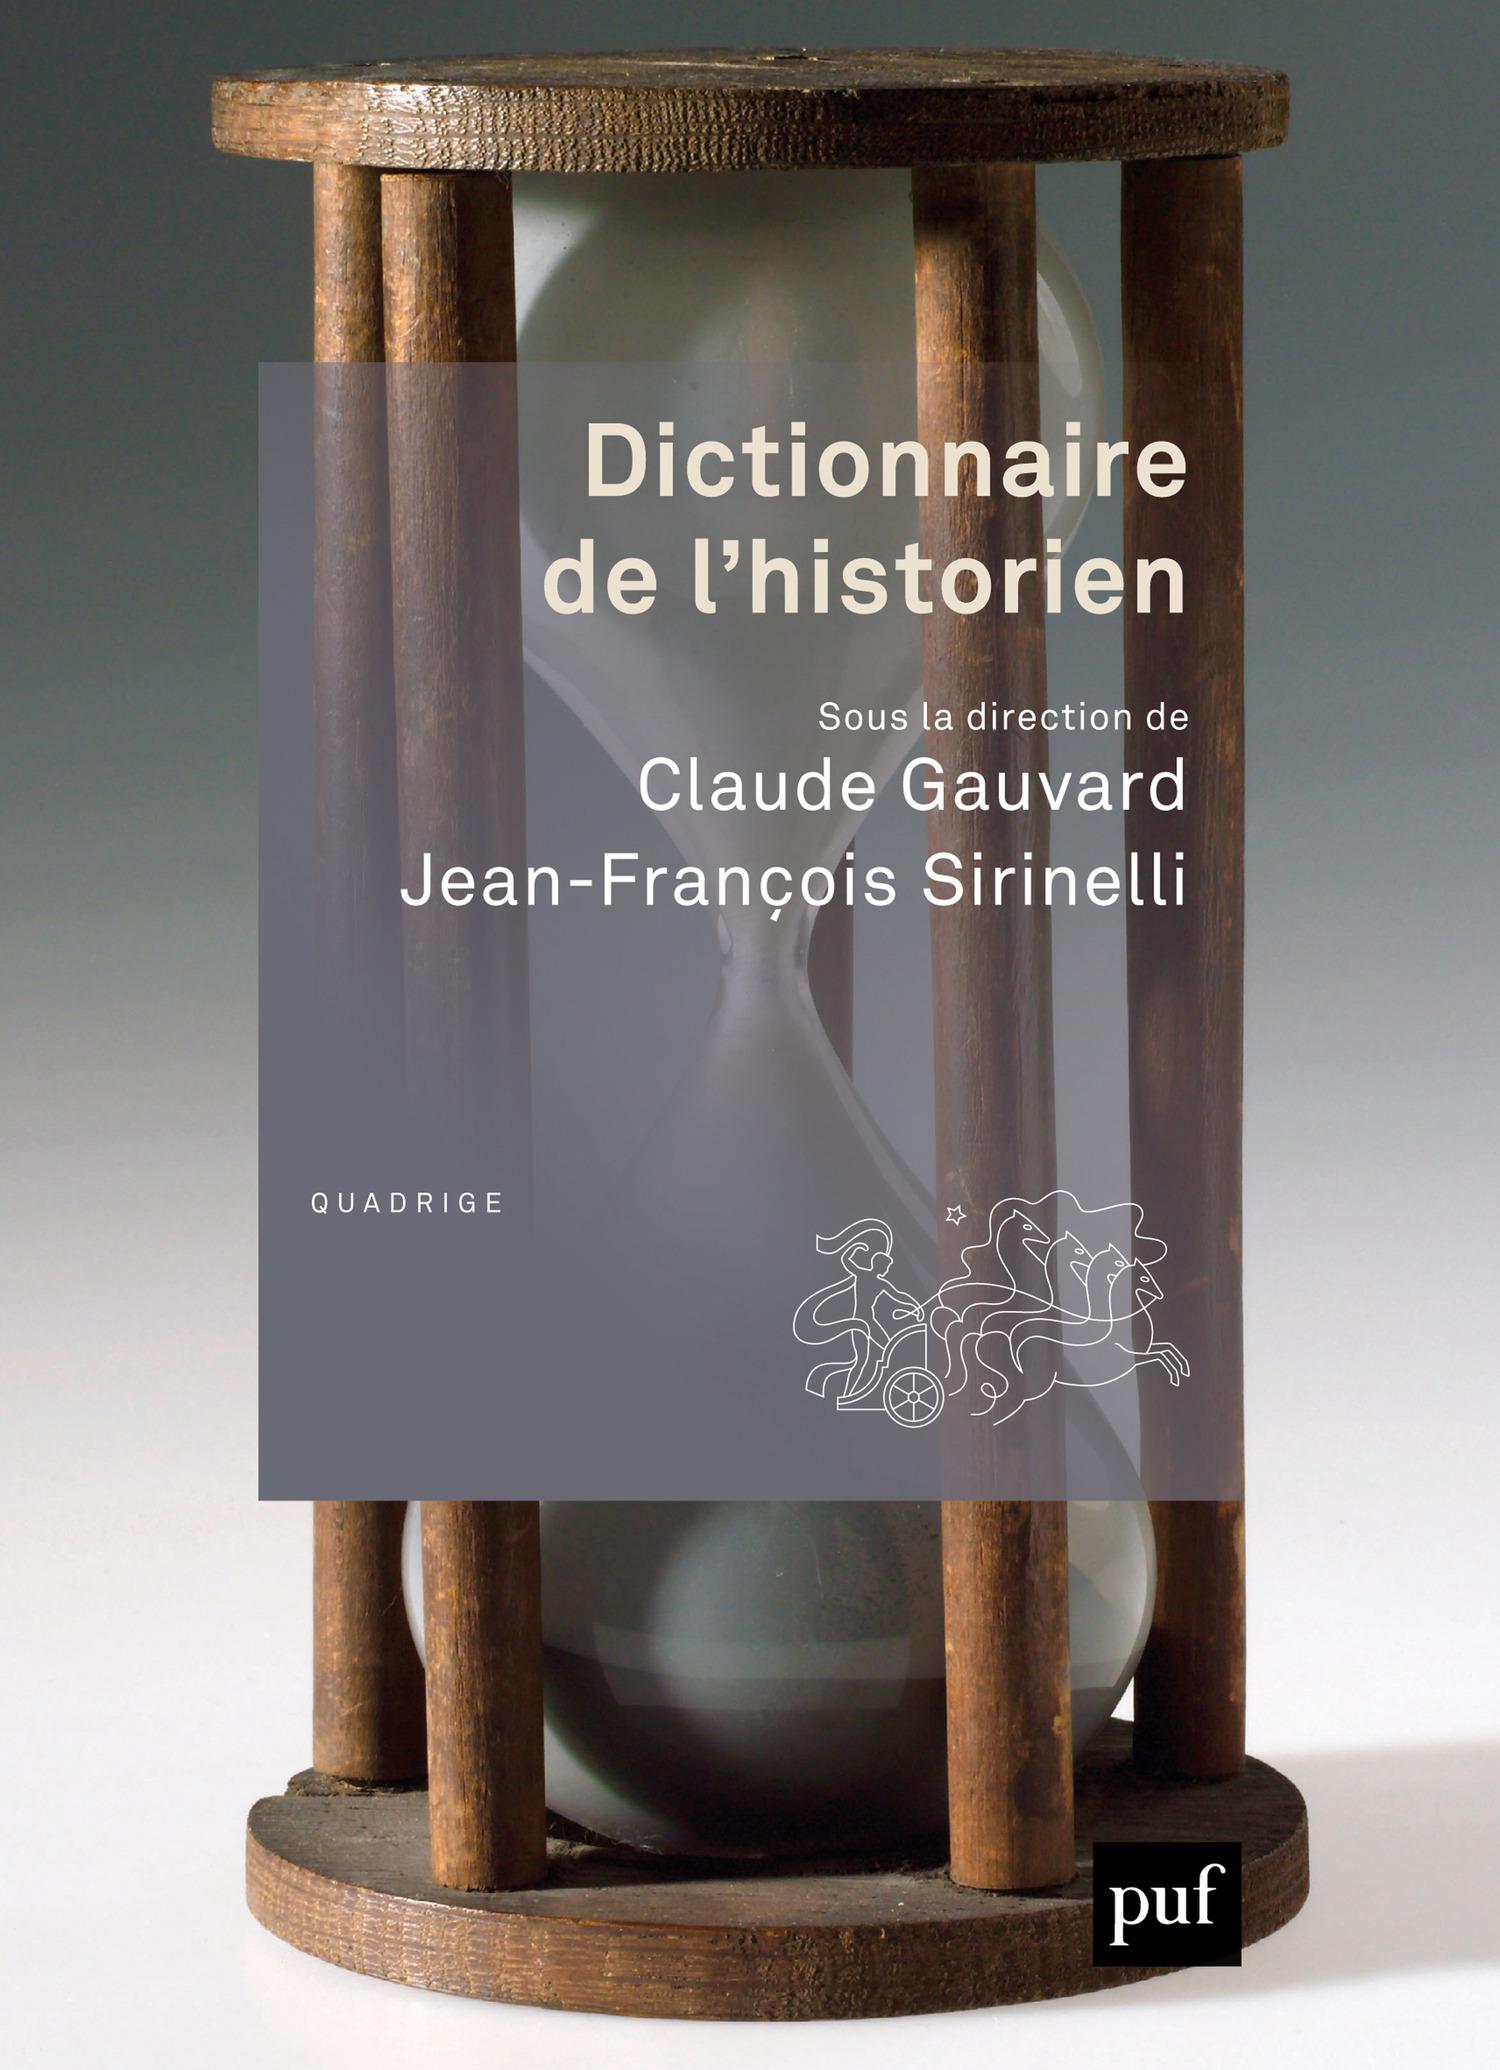 Dictionnaire de l'historien